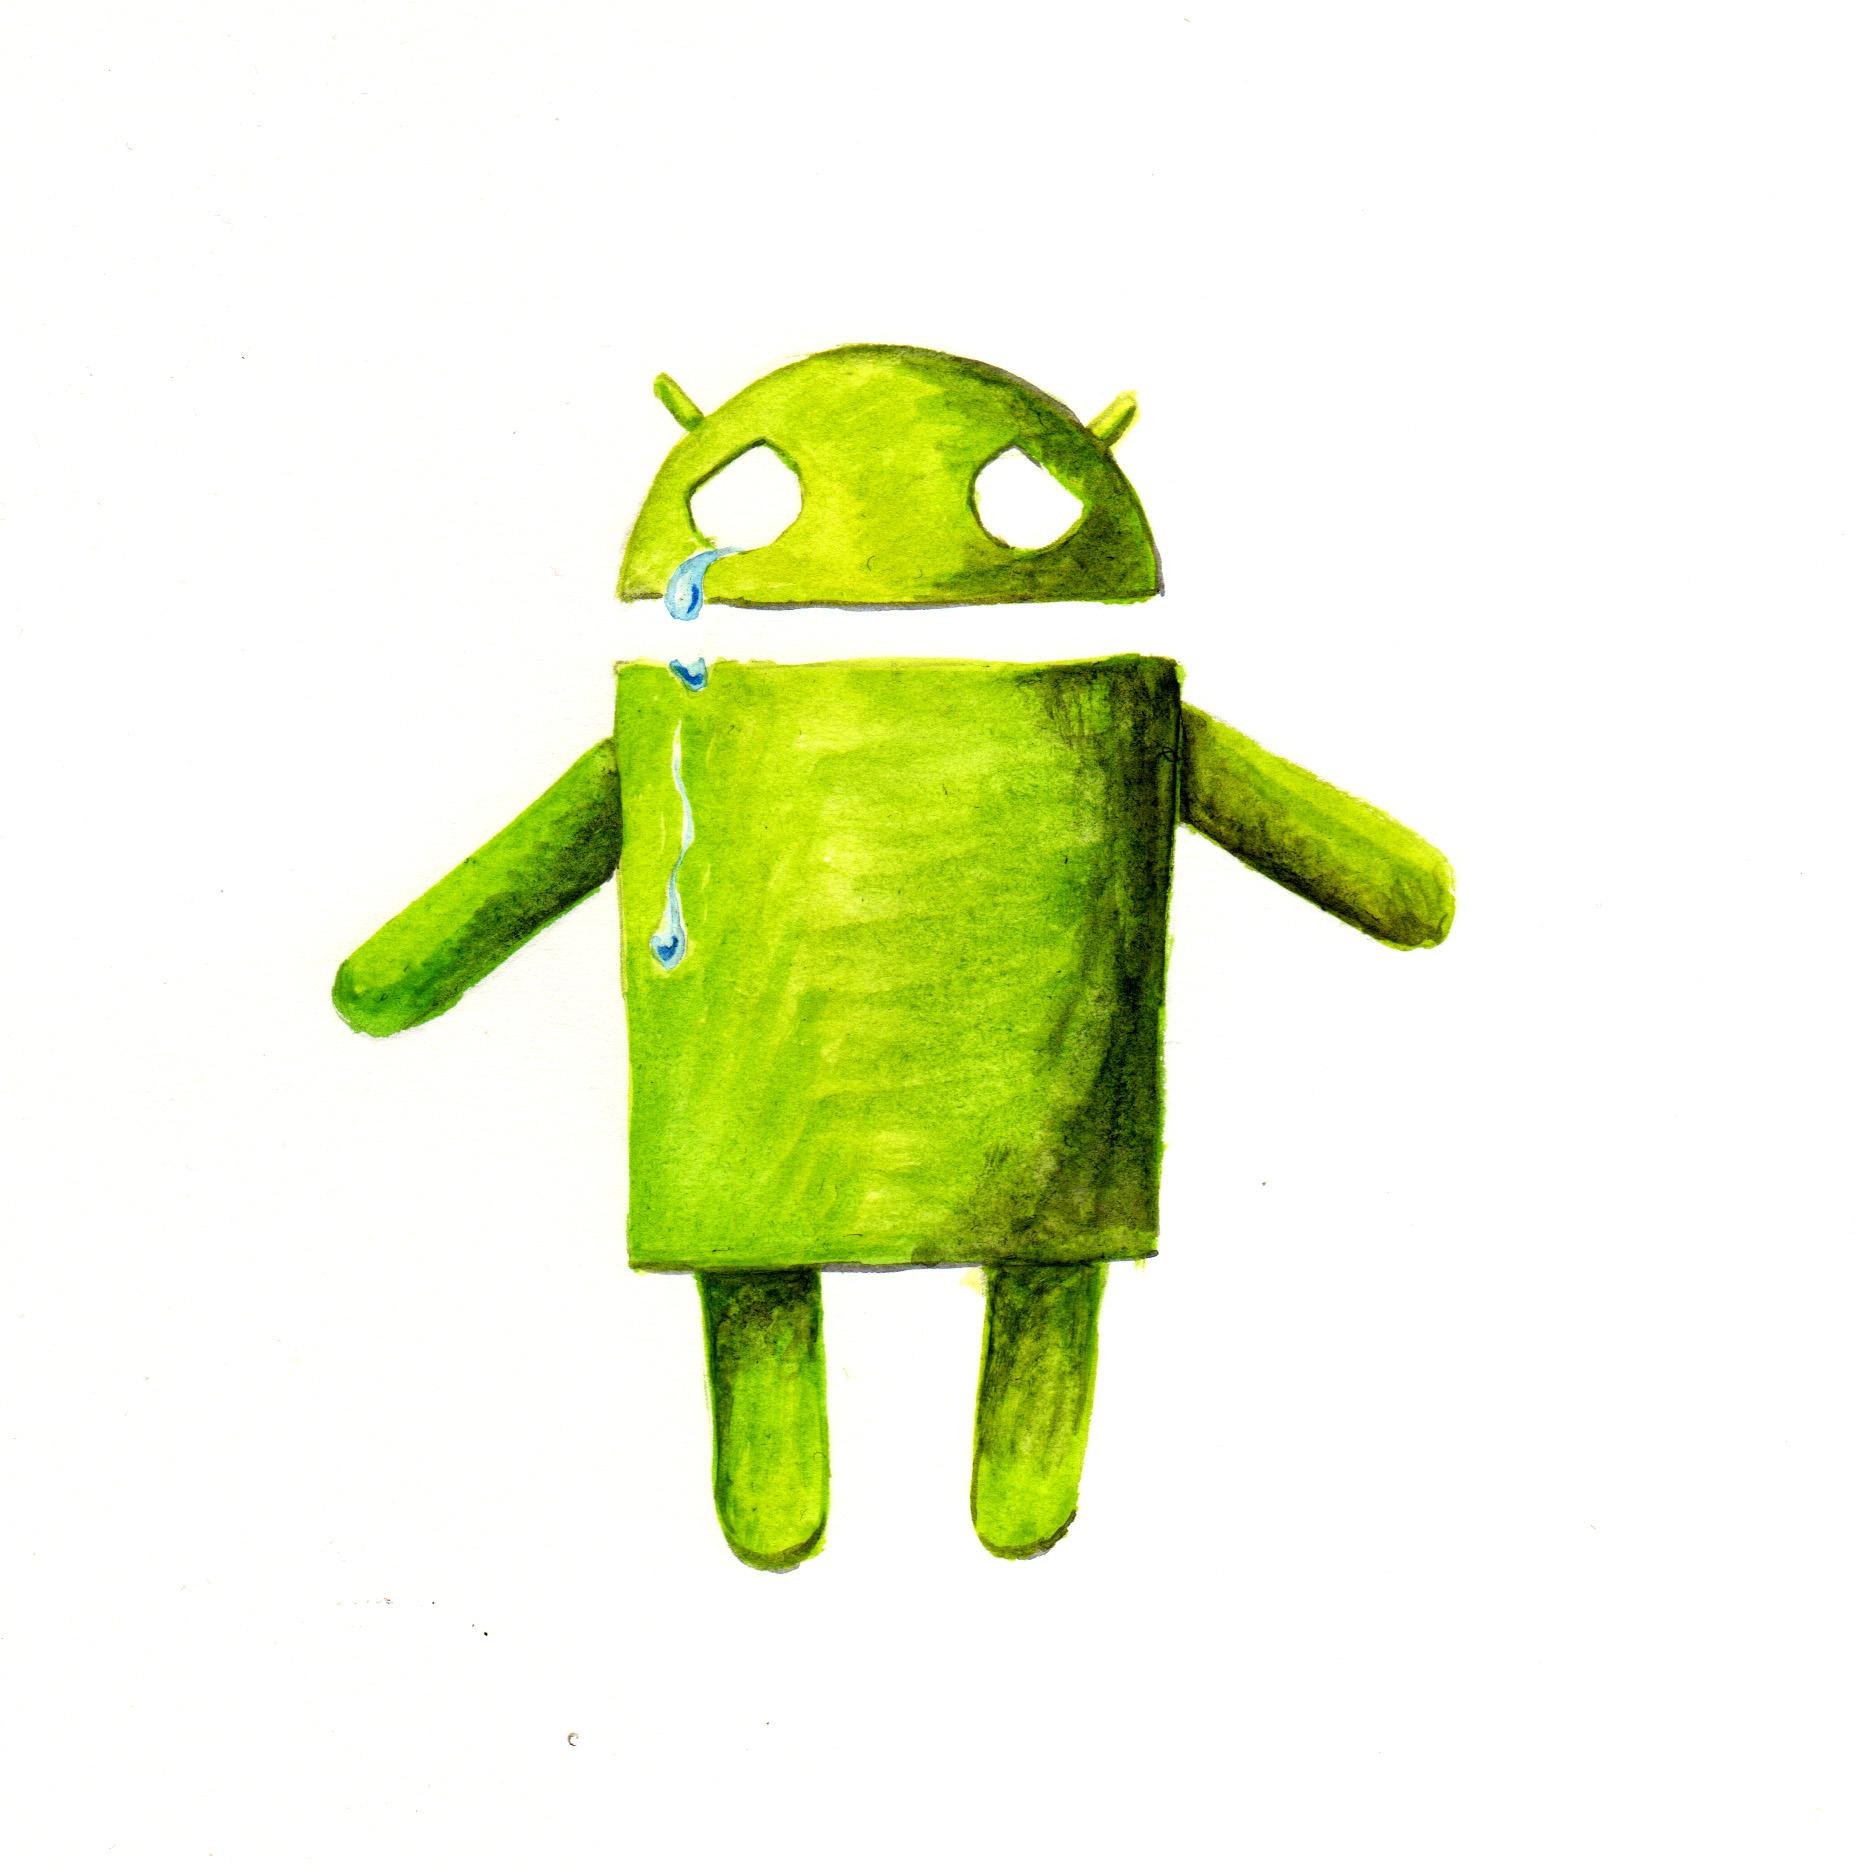 Tout ne va pas bien pour Android